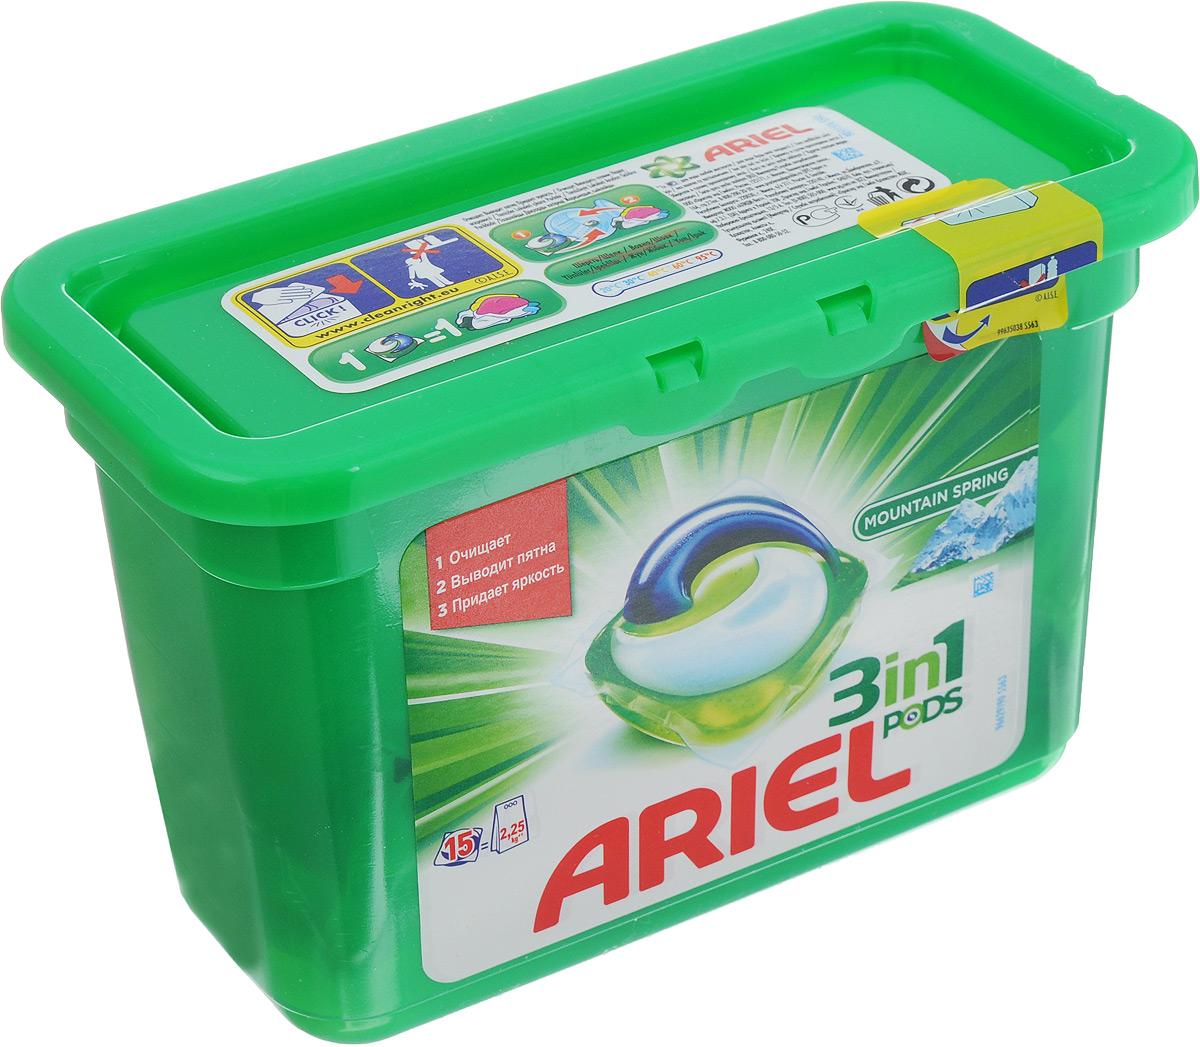 Гель в капсулах Ariel Pods 3 в 1 Горный родник, 15 шт антицеллюлитное средство в капсулах